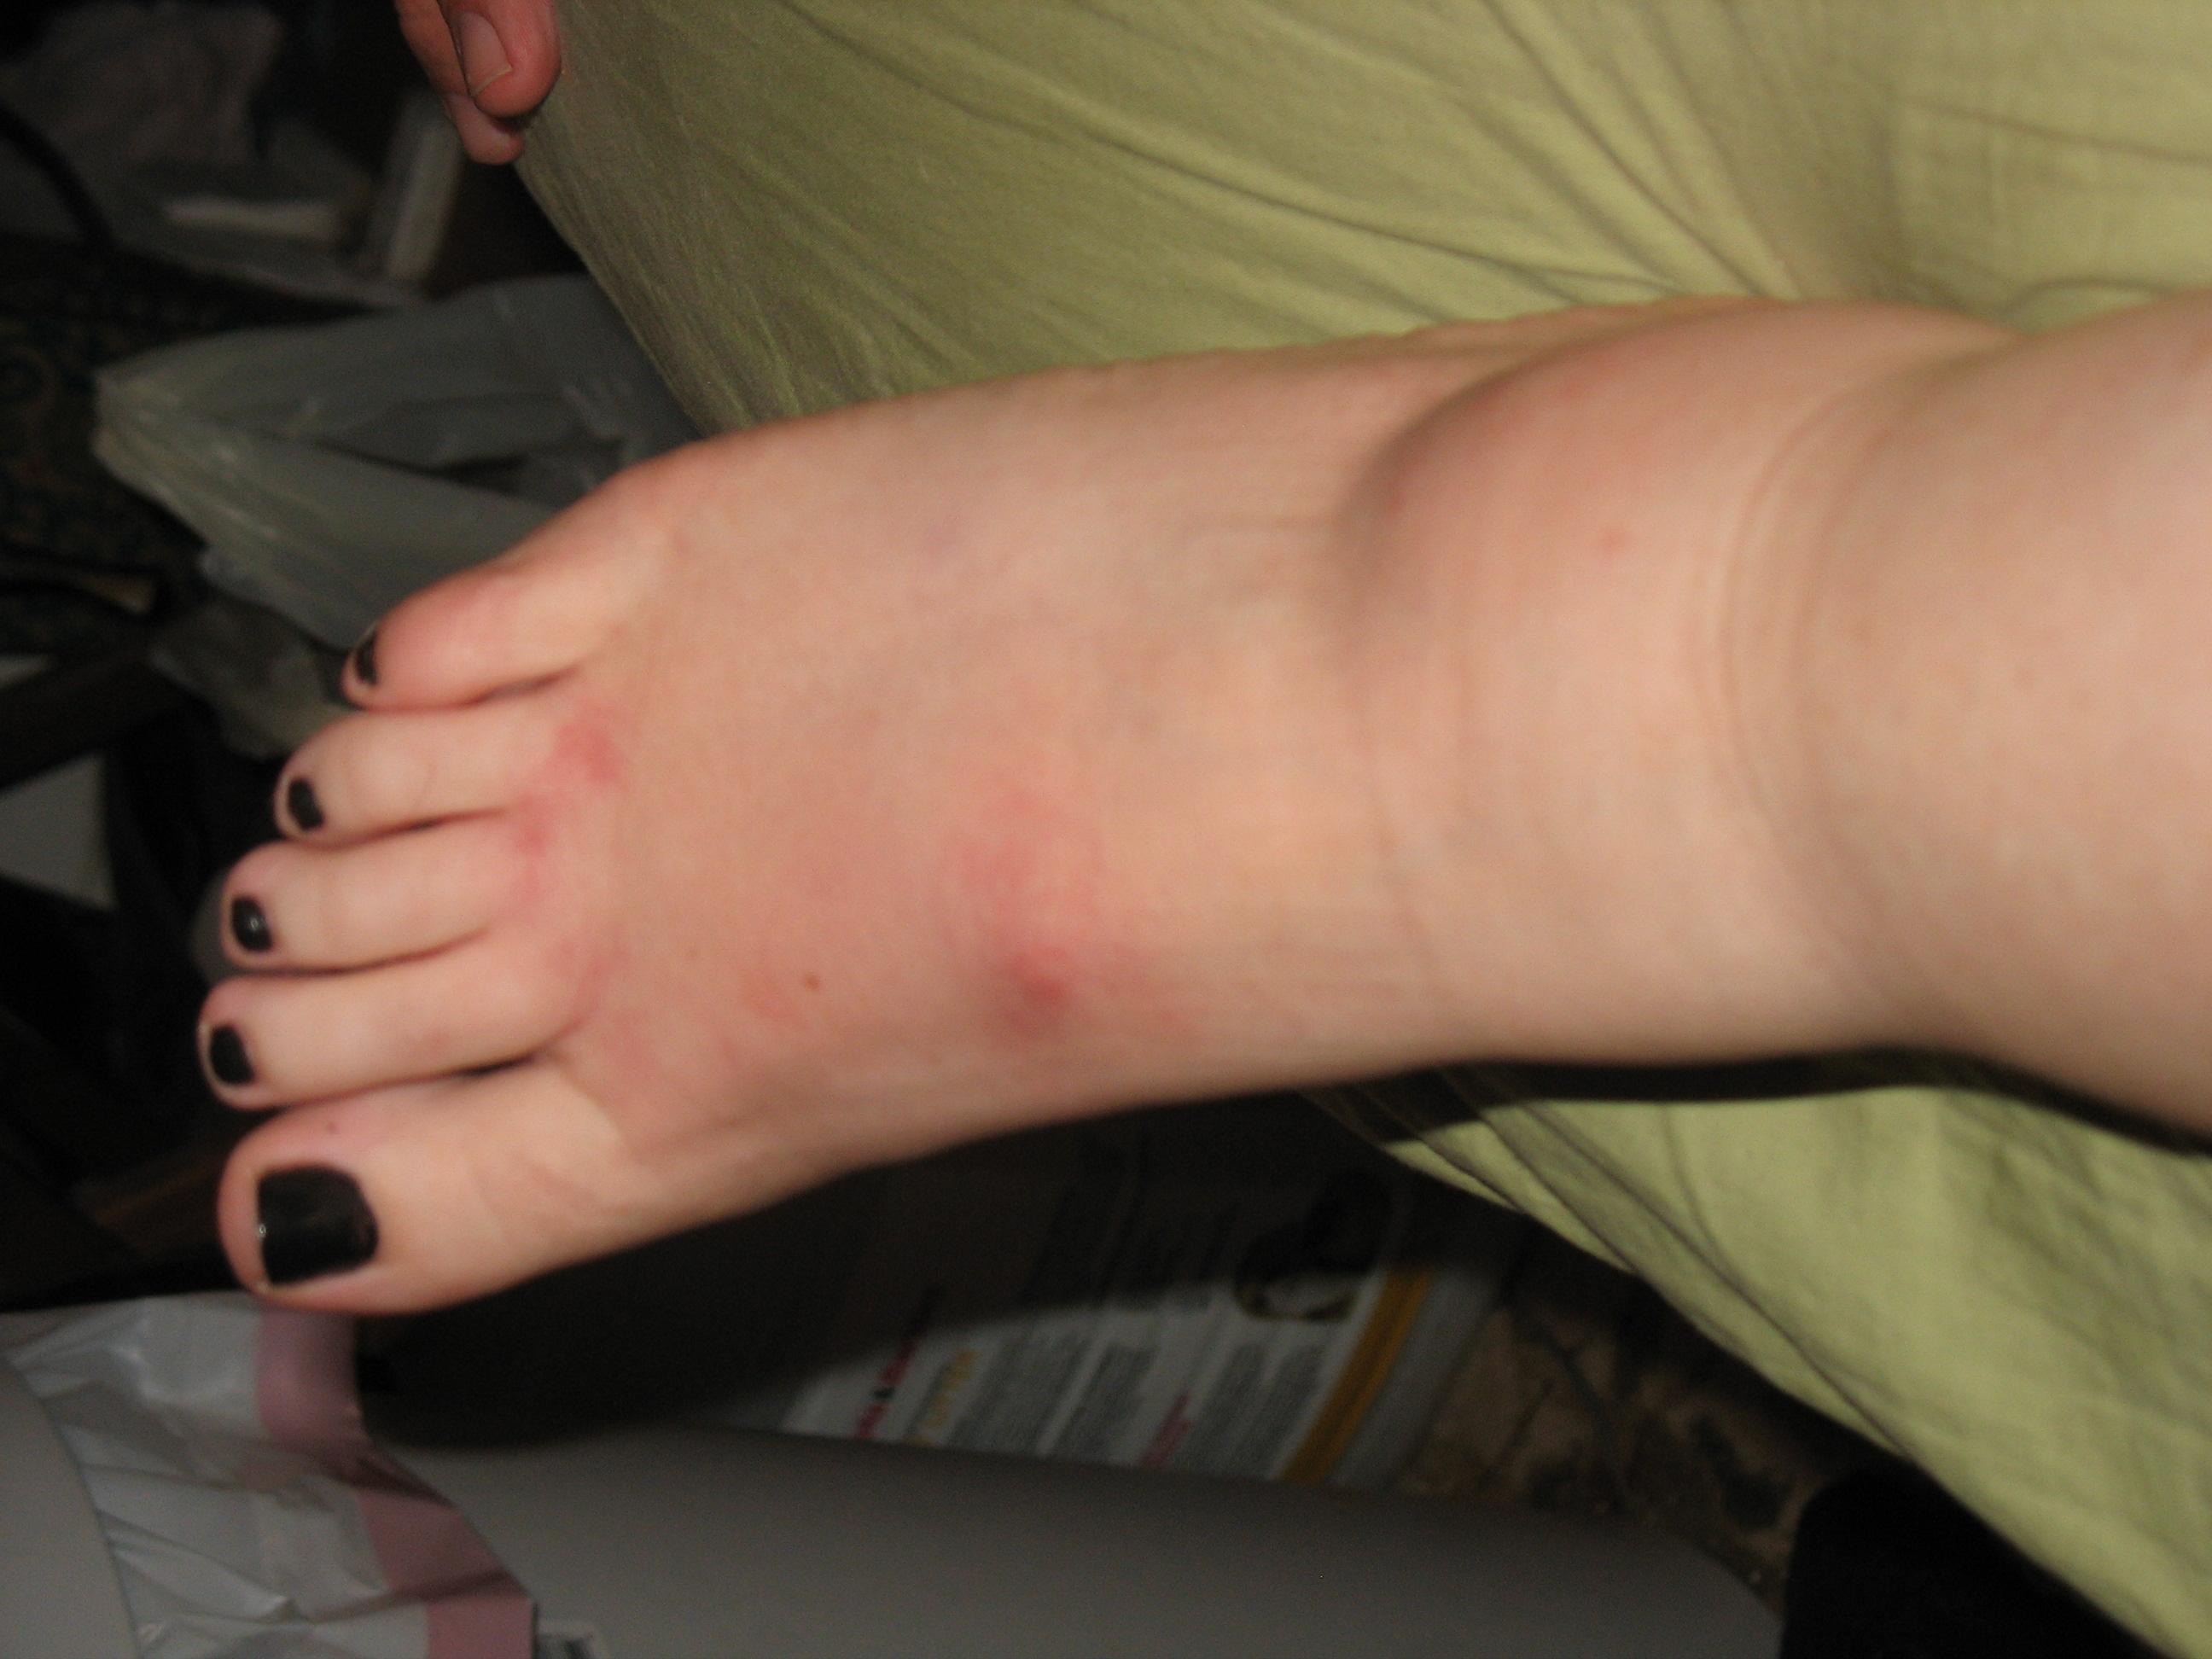 Fire Ant Bite Allergic Reaction Fire Ant Bites Allergi...